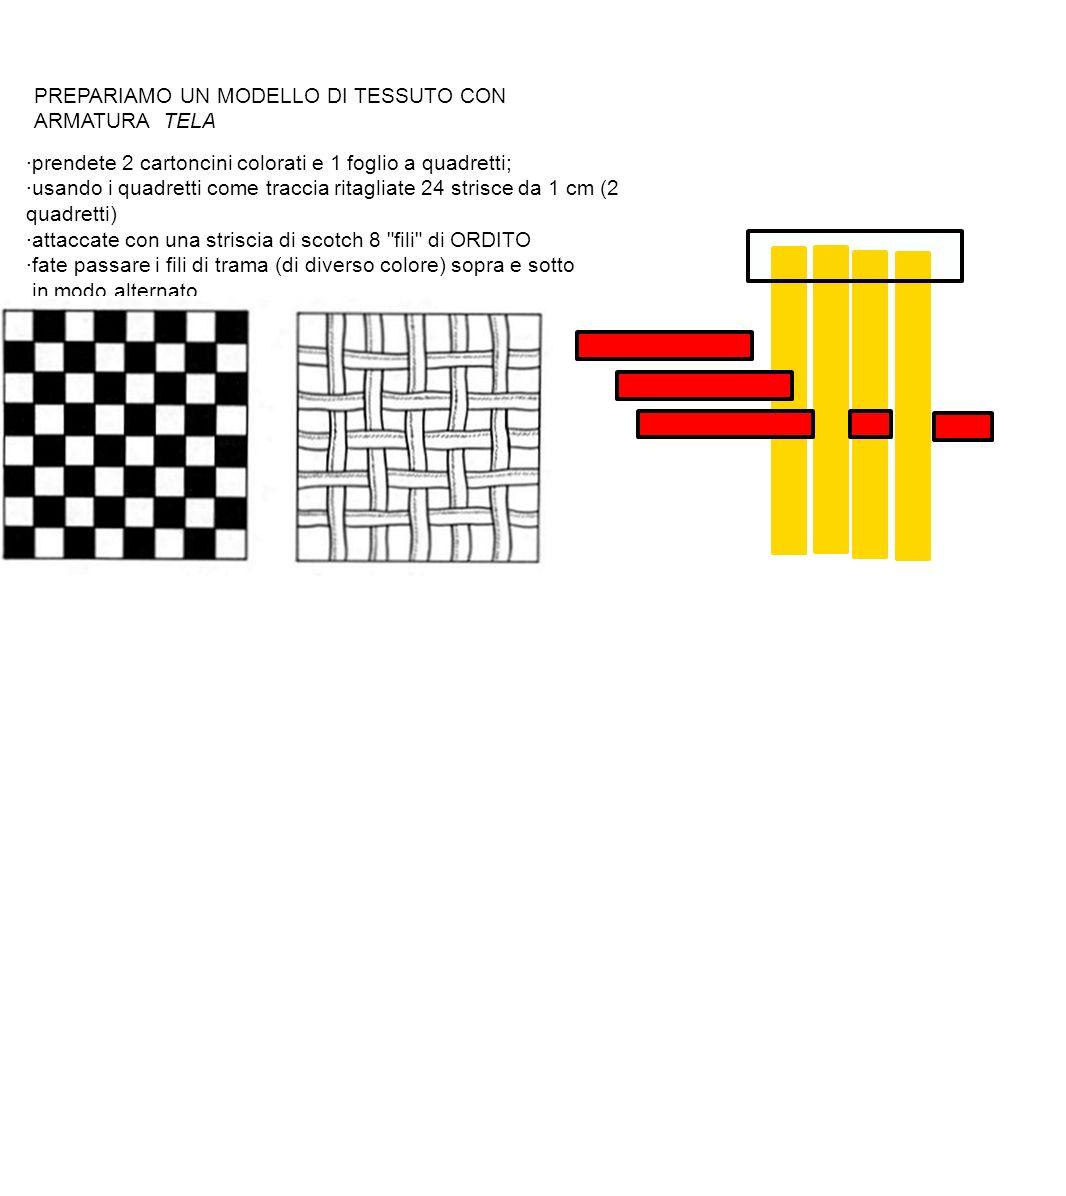 PREPARIAMO UN MODELLO DI TESSUTO CON ARMATURA TELA ·prendete 2 cartoncini colorati e 1 foglio a quadretti; ·usando i quadretti come traccia ritagliate